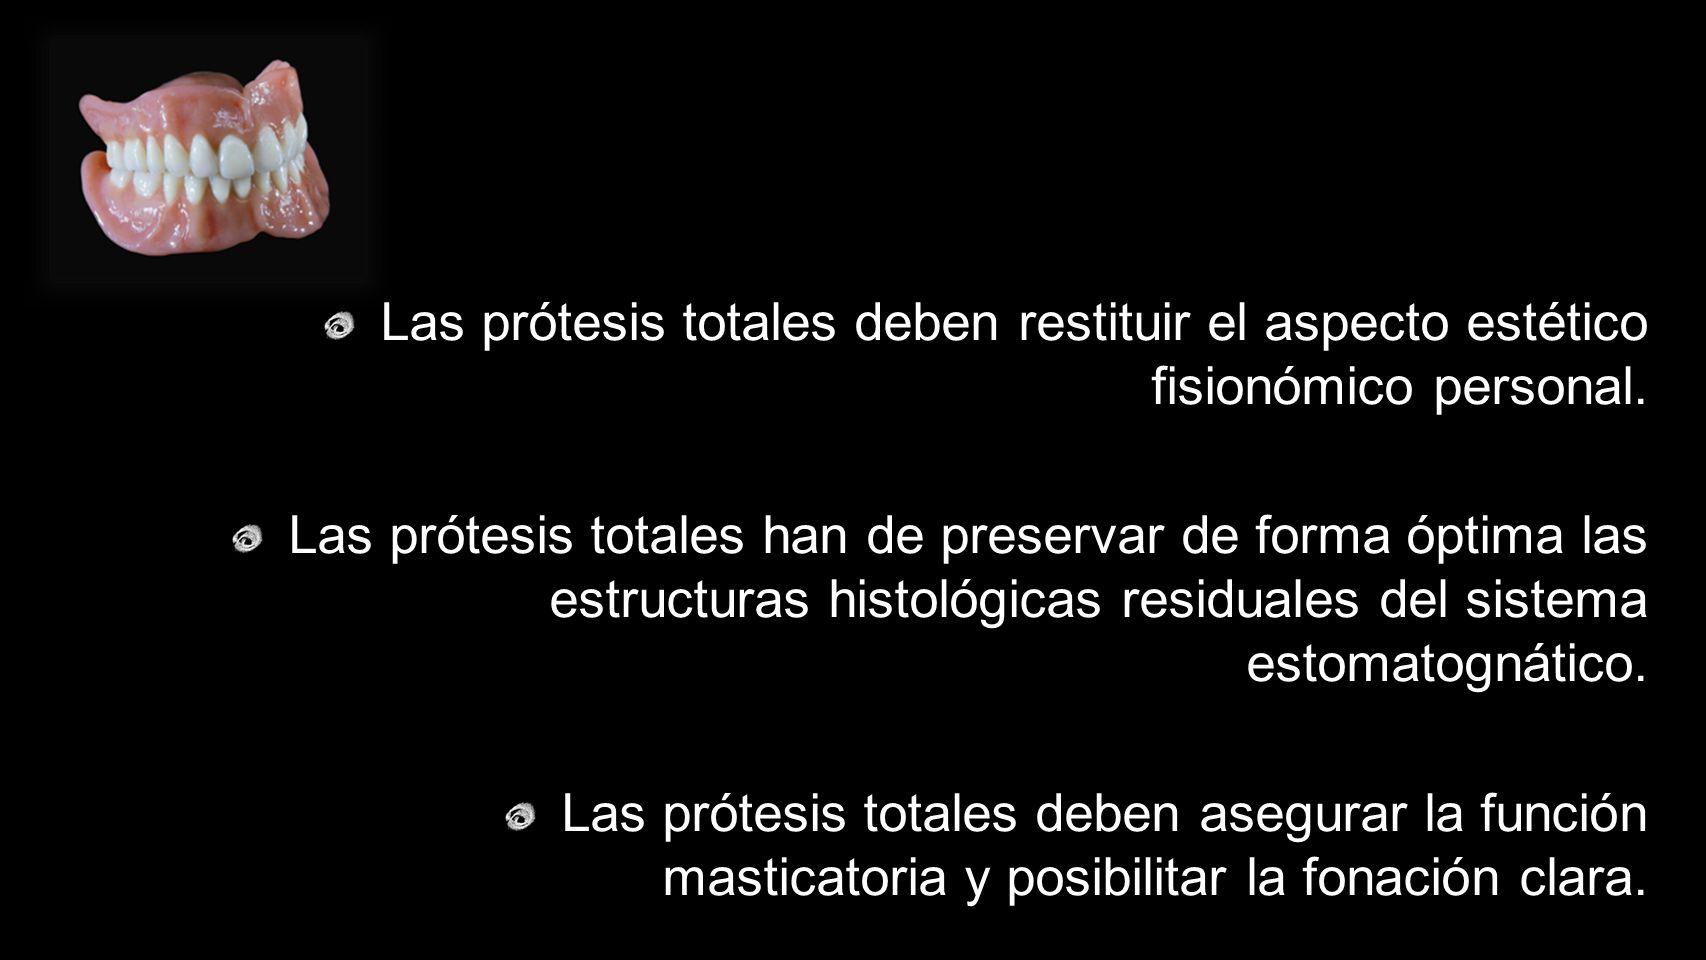 Las prótesis totales deben restituir el aspecto estético fisionómico personal. Las prótesis totales han de preservar de forma óptima las estructuras h